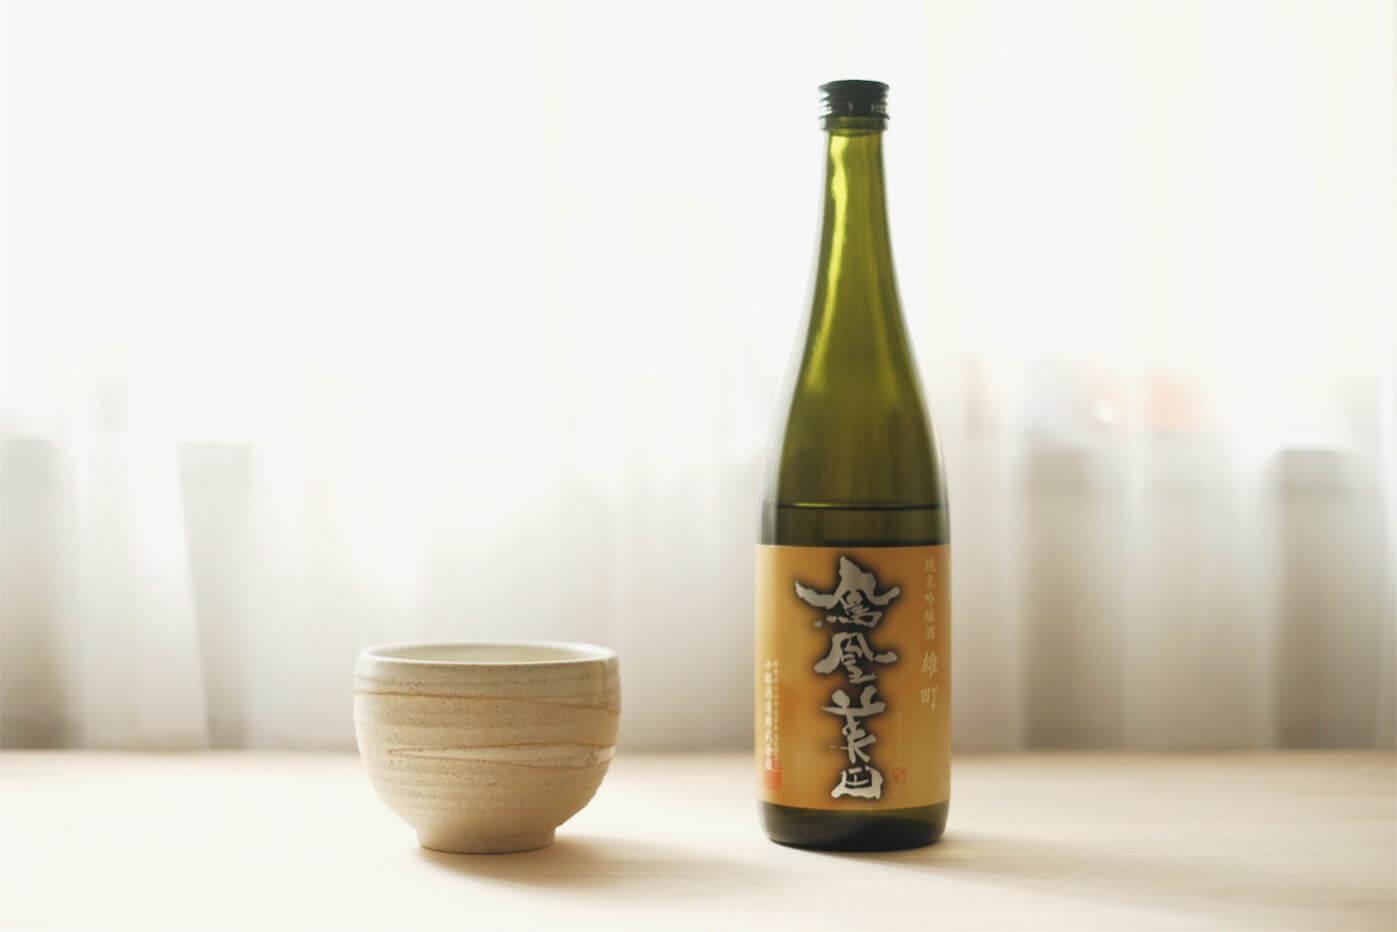 栃木の日本酒「鳳凰美田」を頂いた